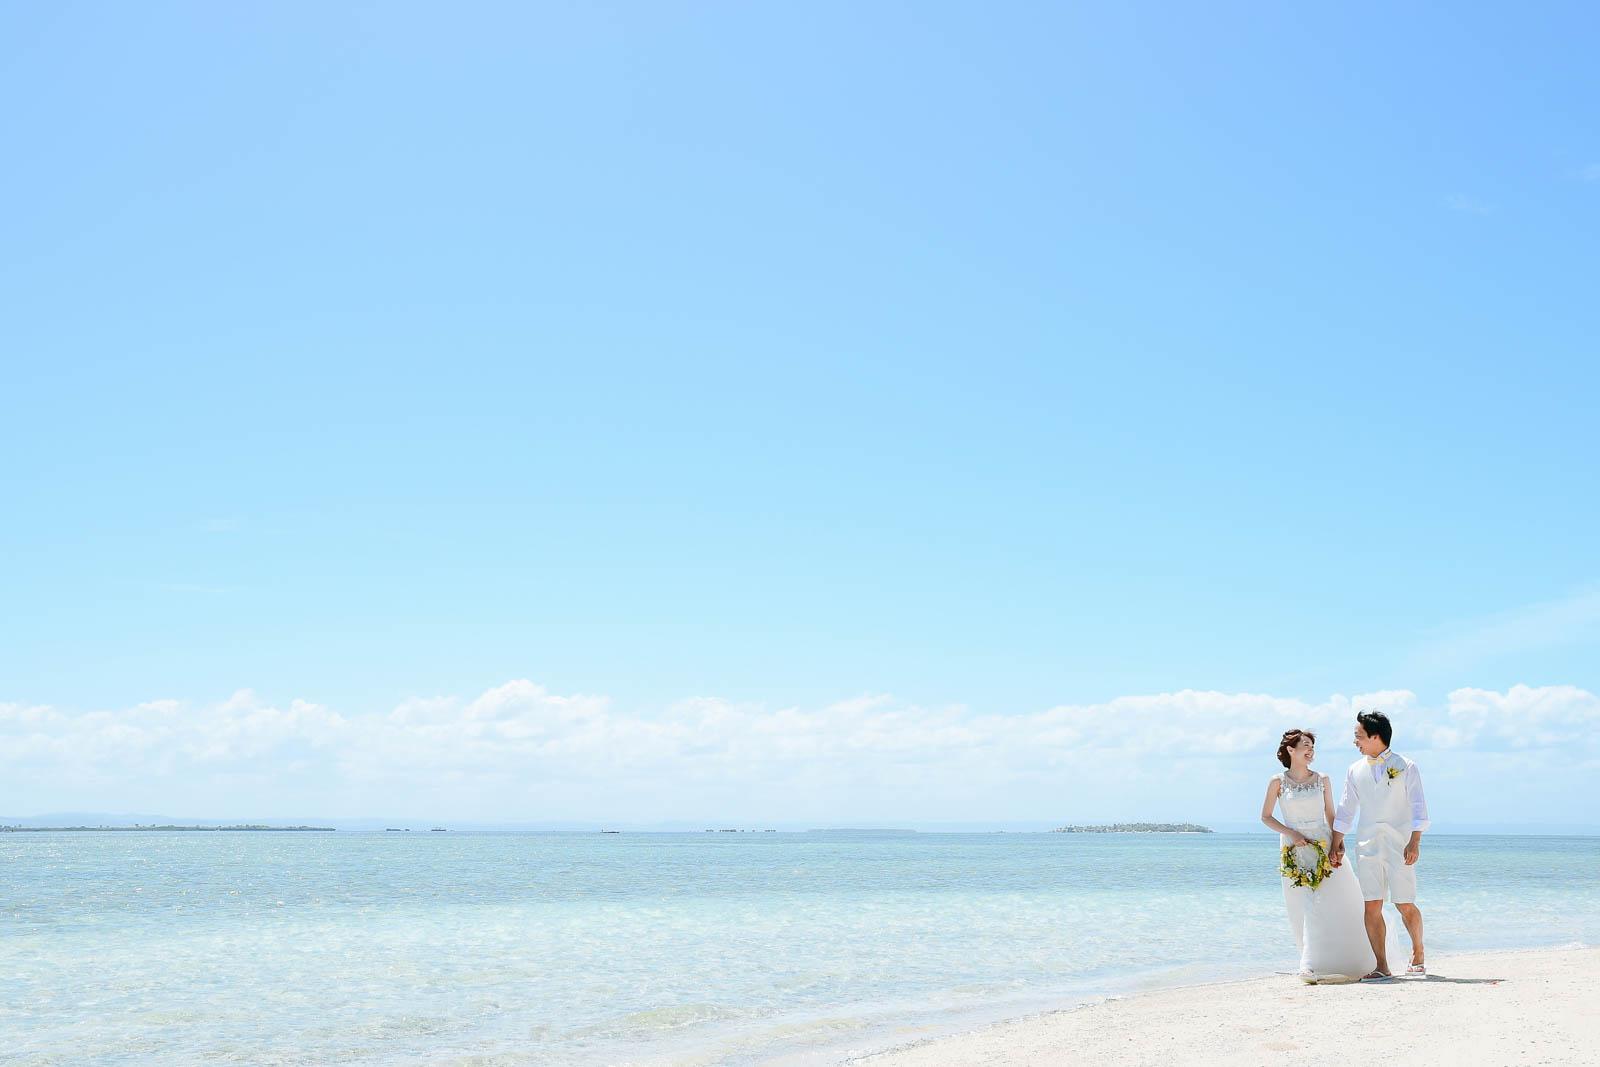 セブ島の離島で撮影